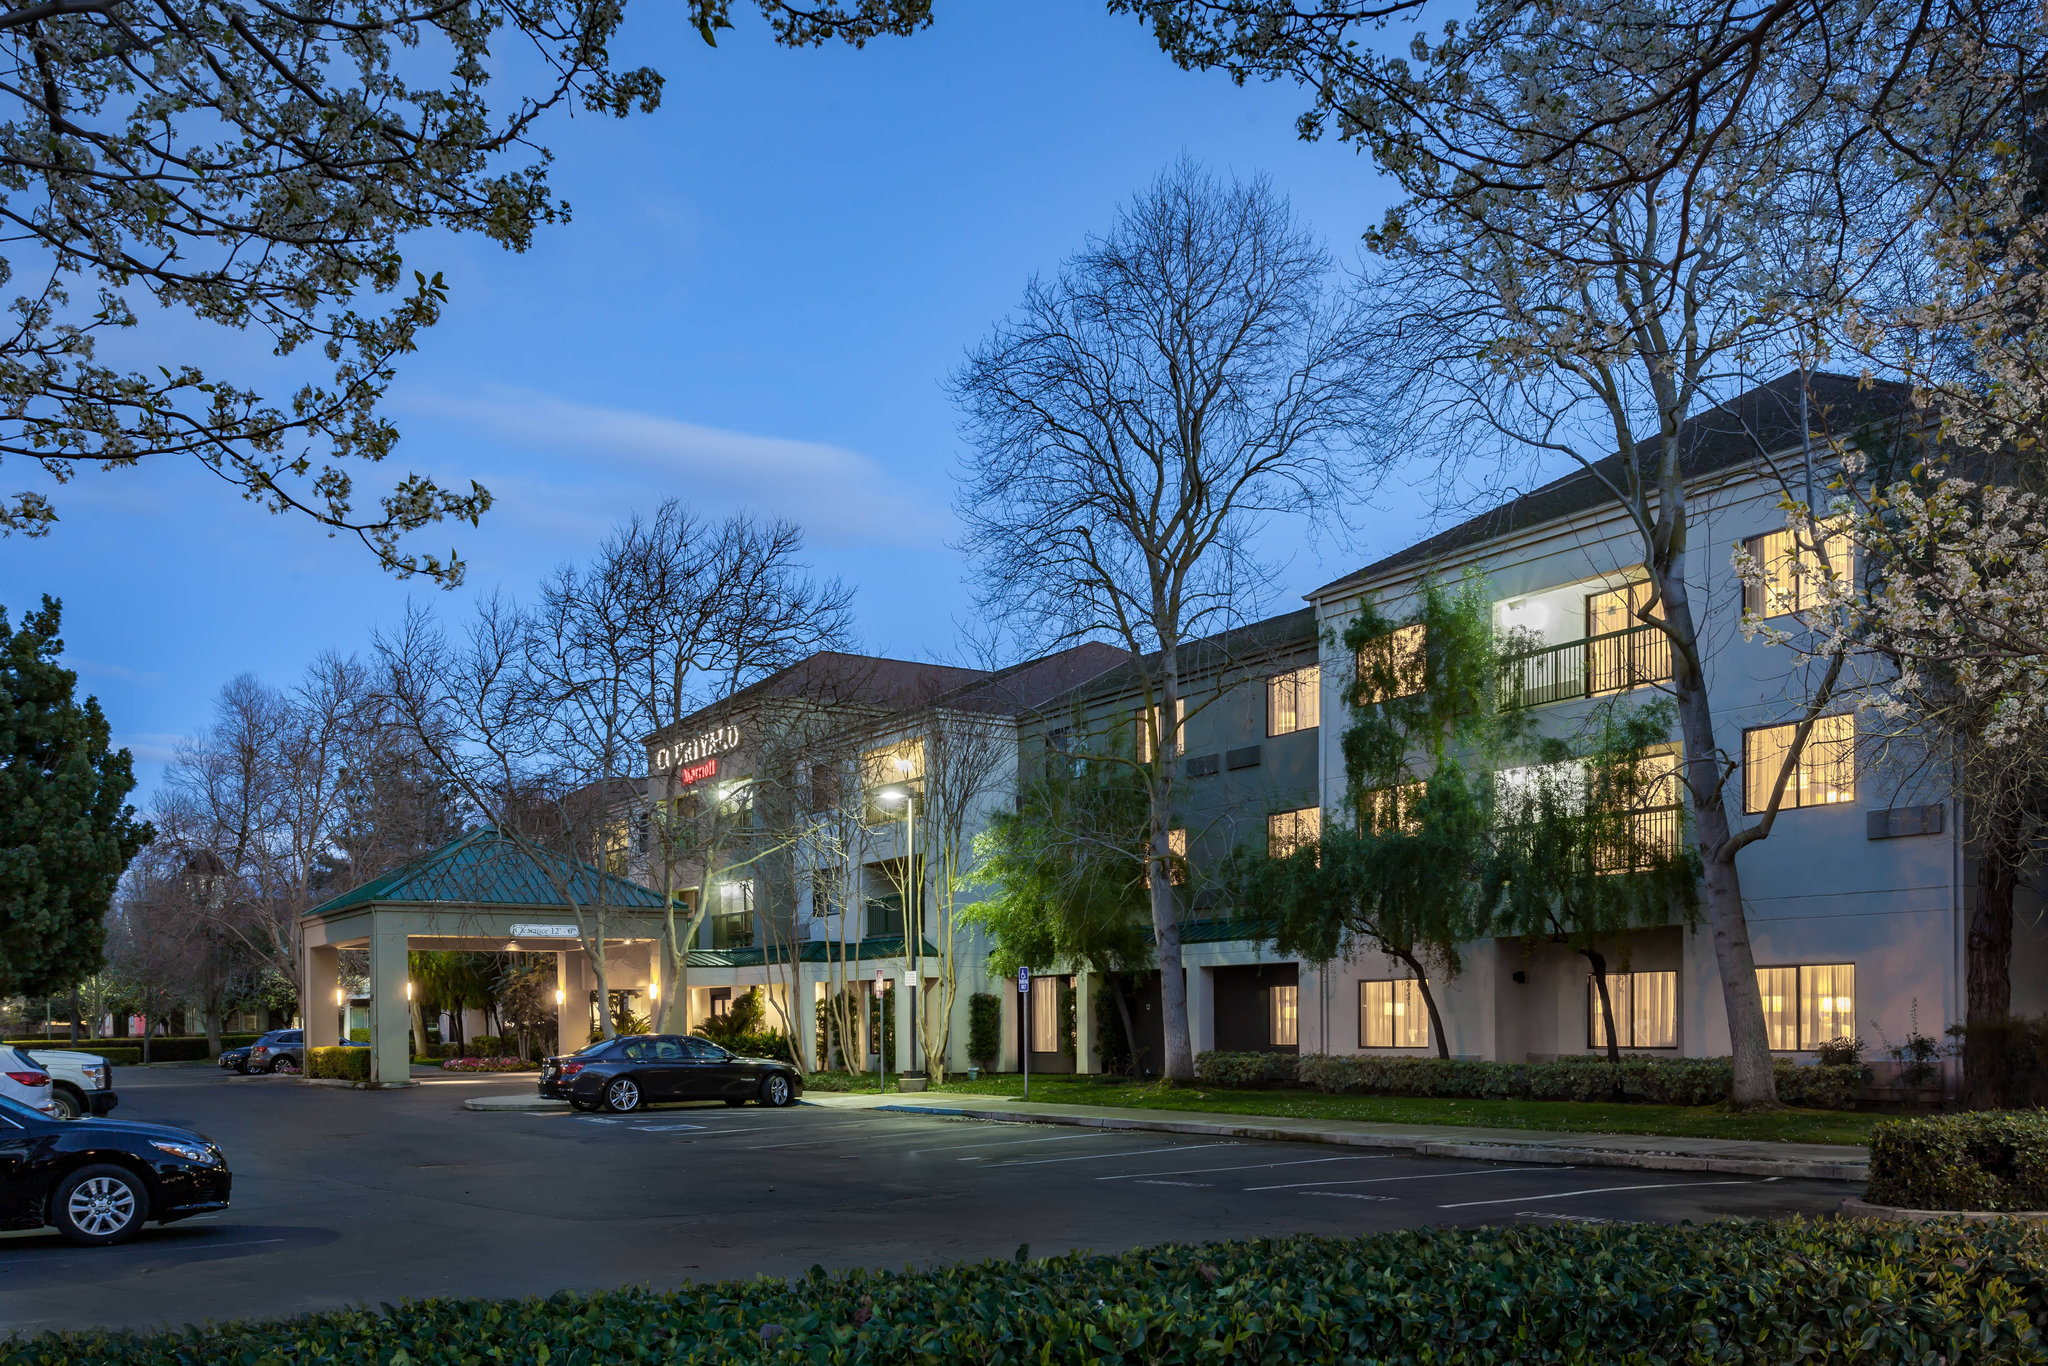 Courtyard Stockton